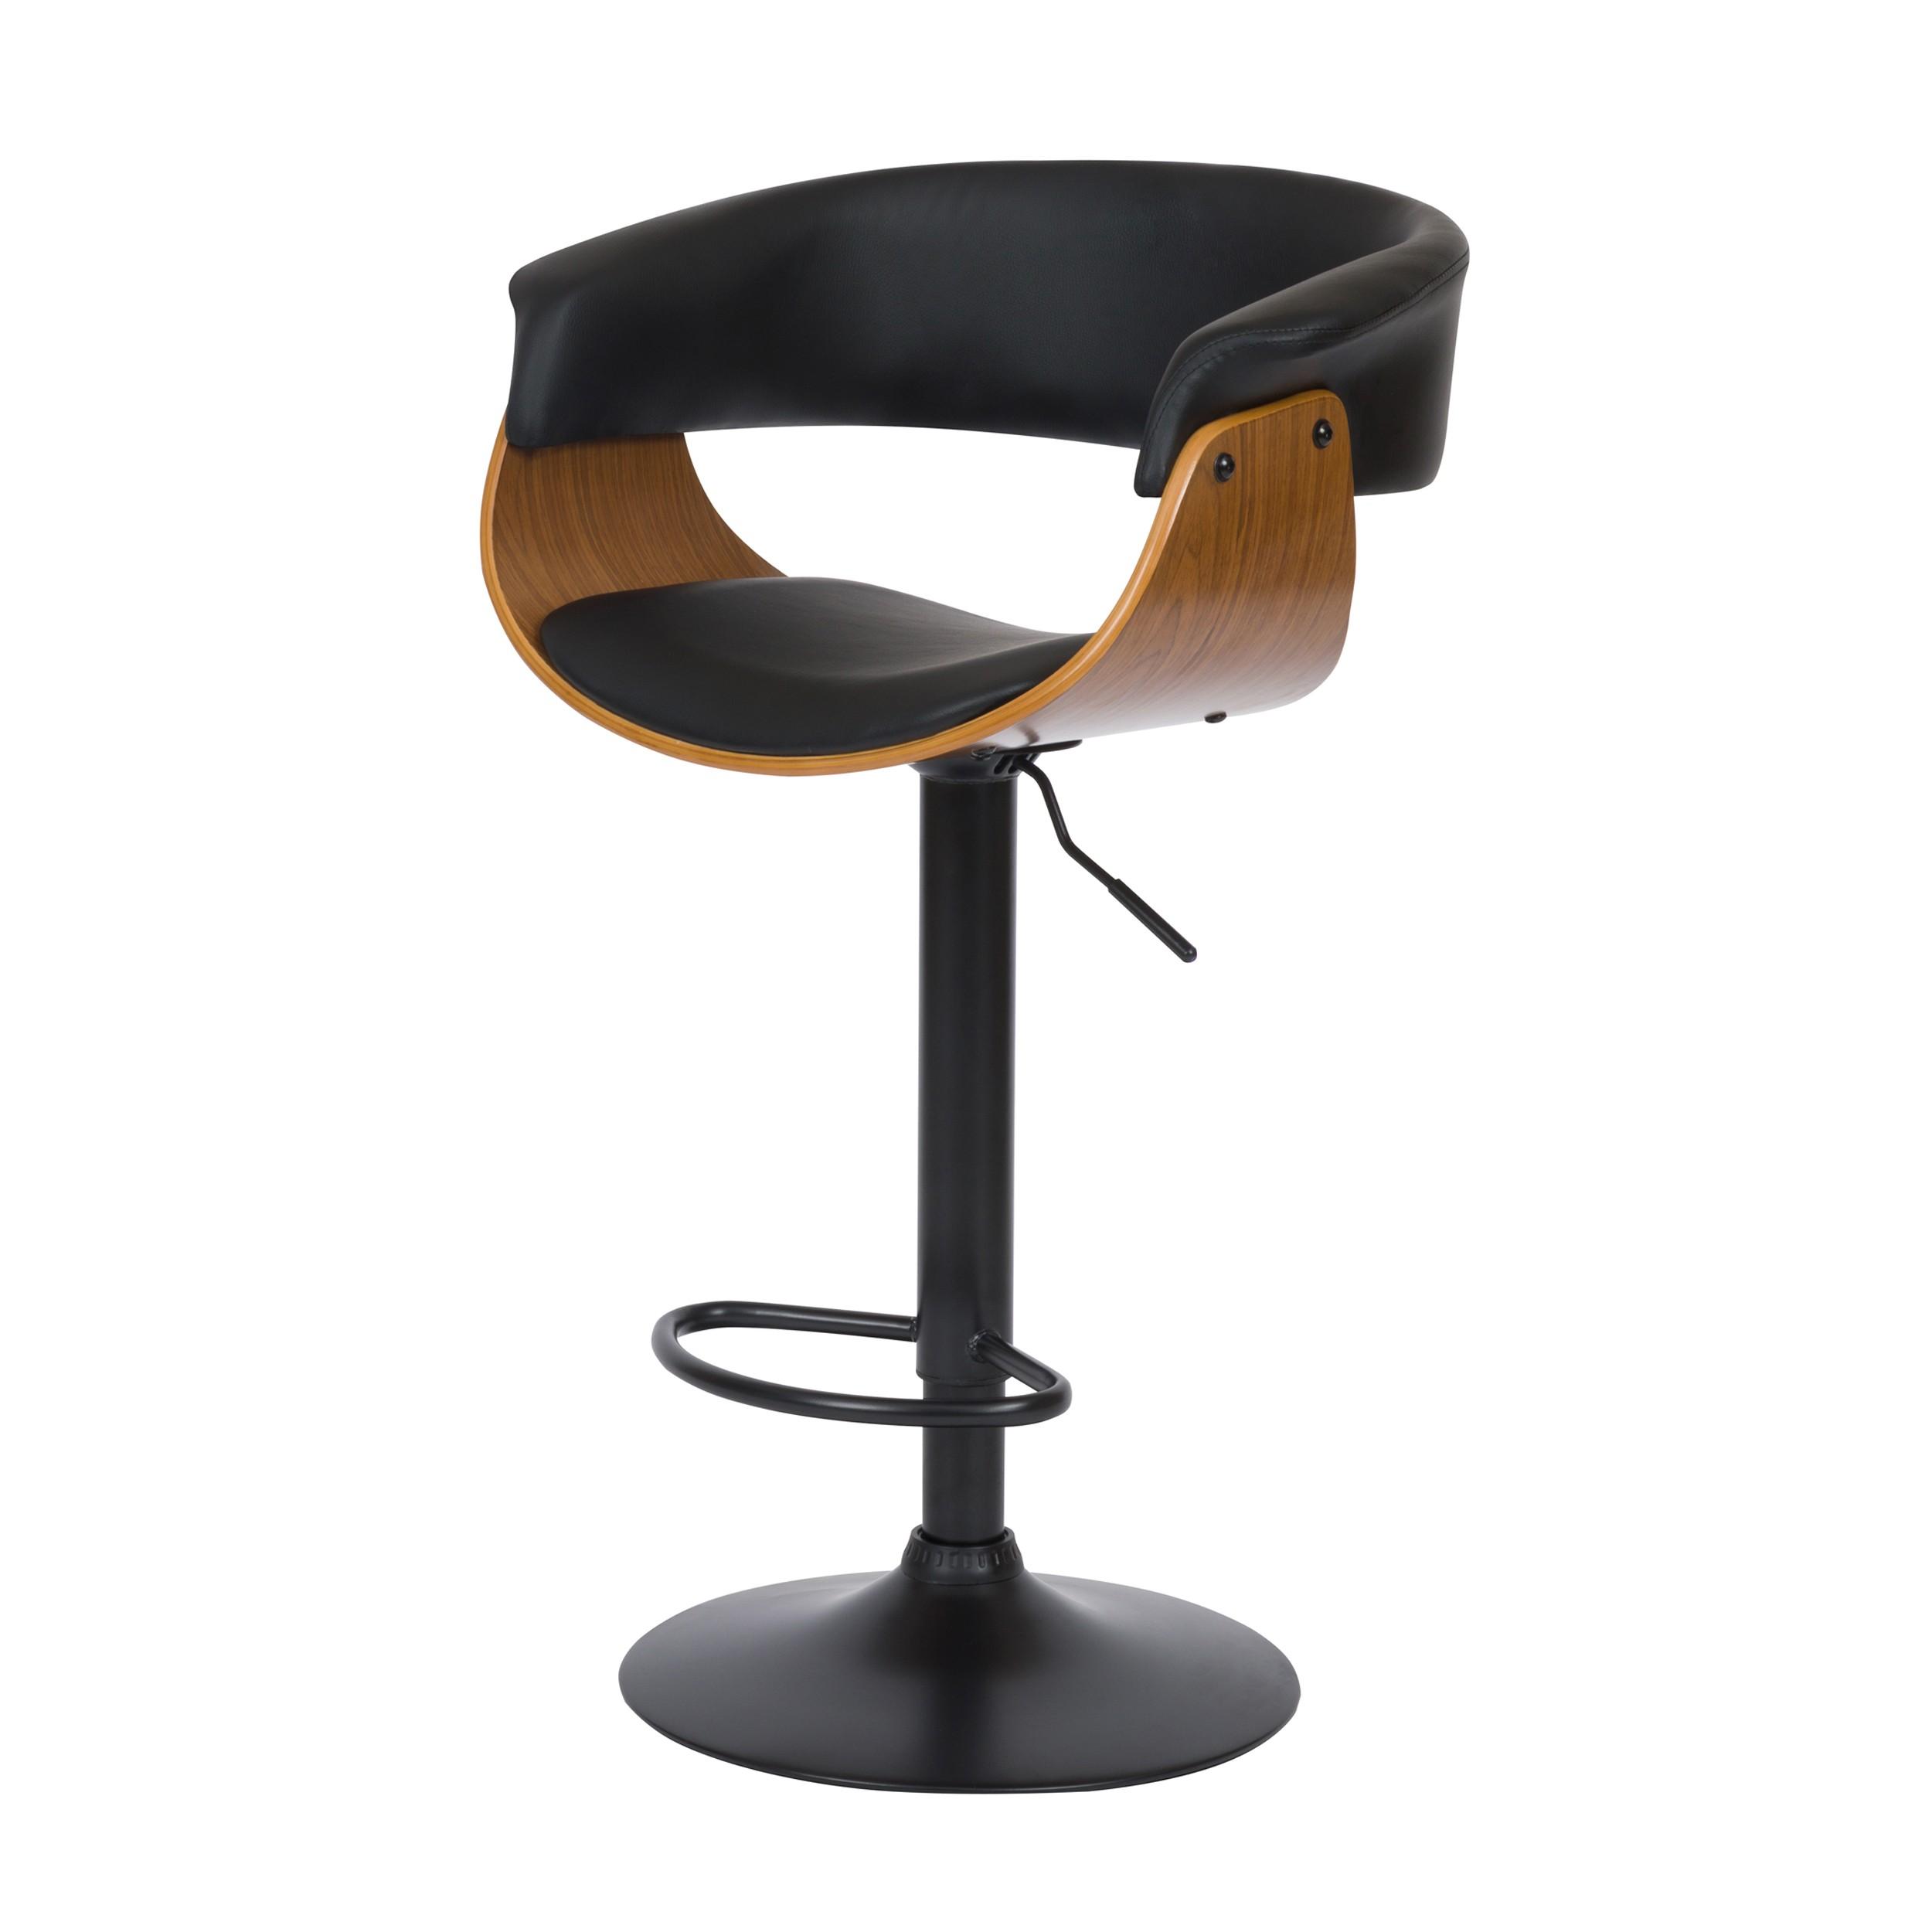 acheter chaise de bar noire reglable